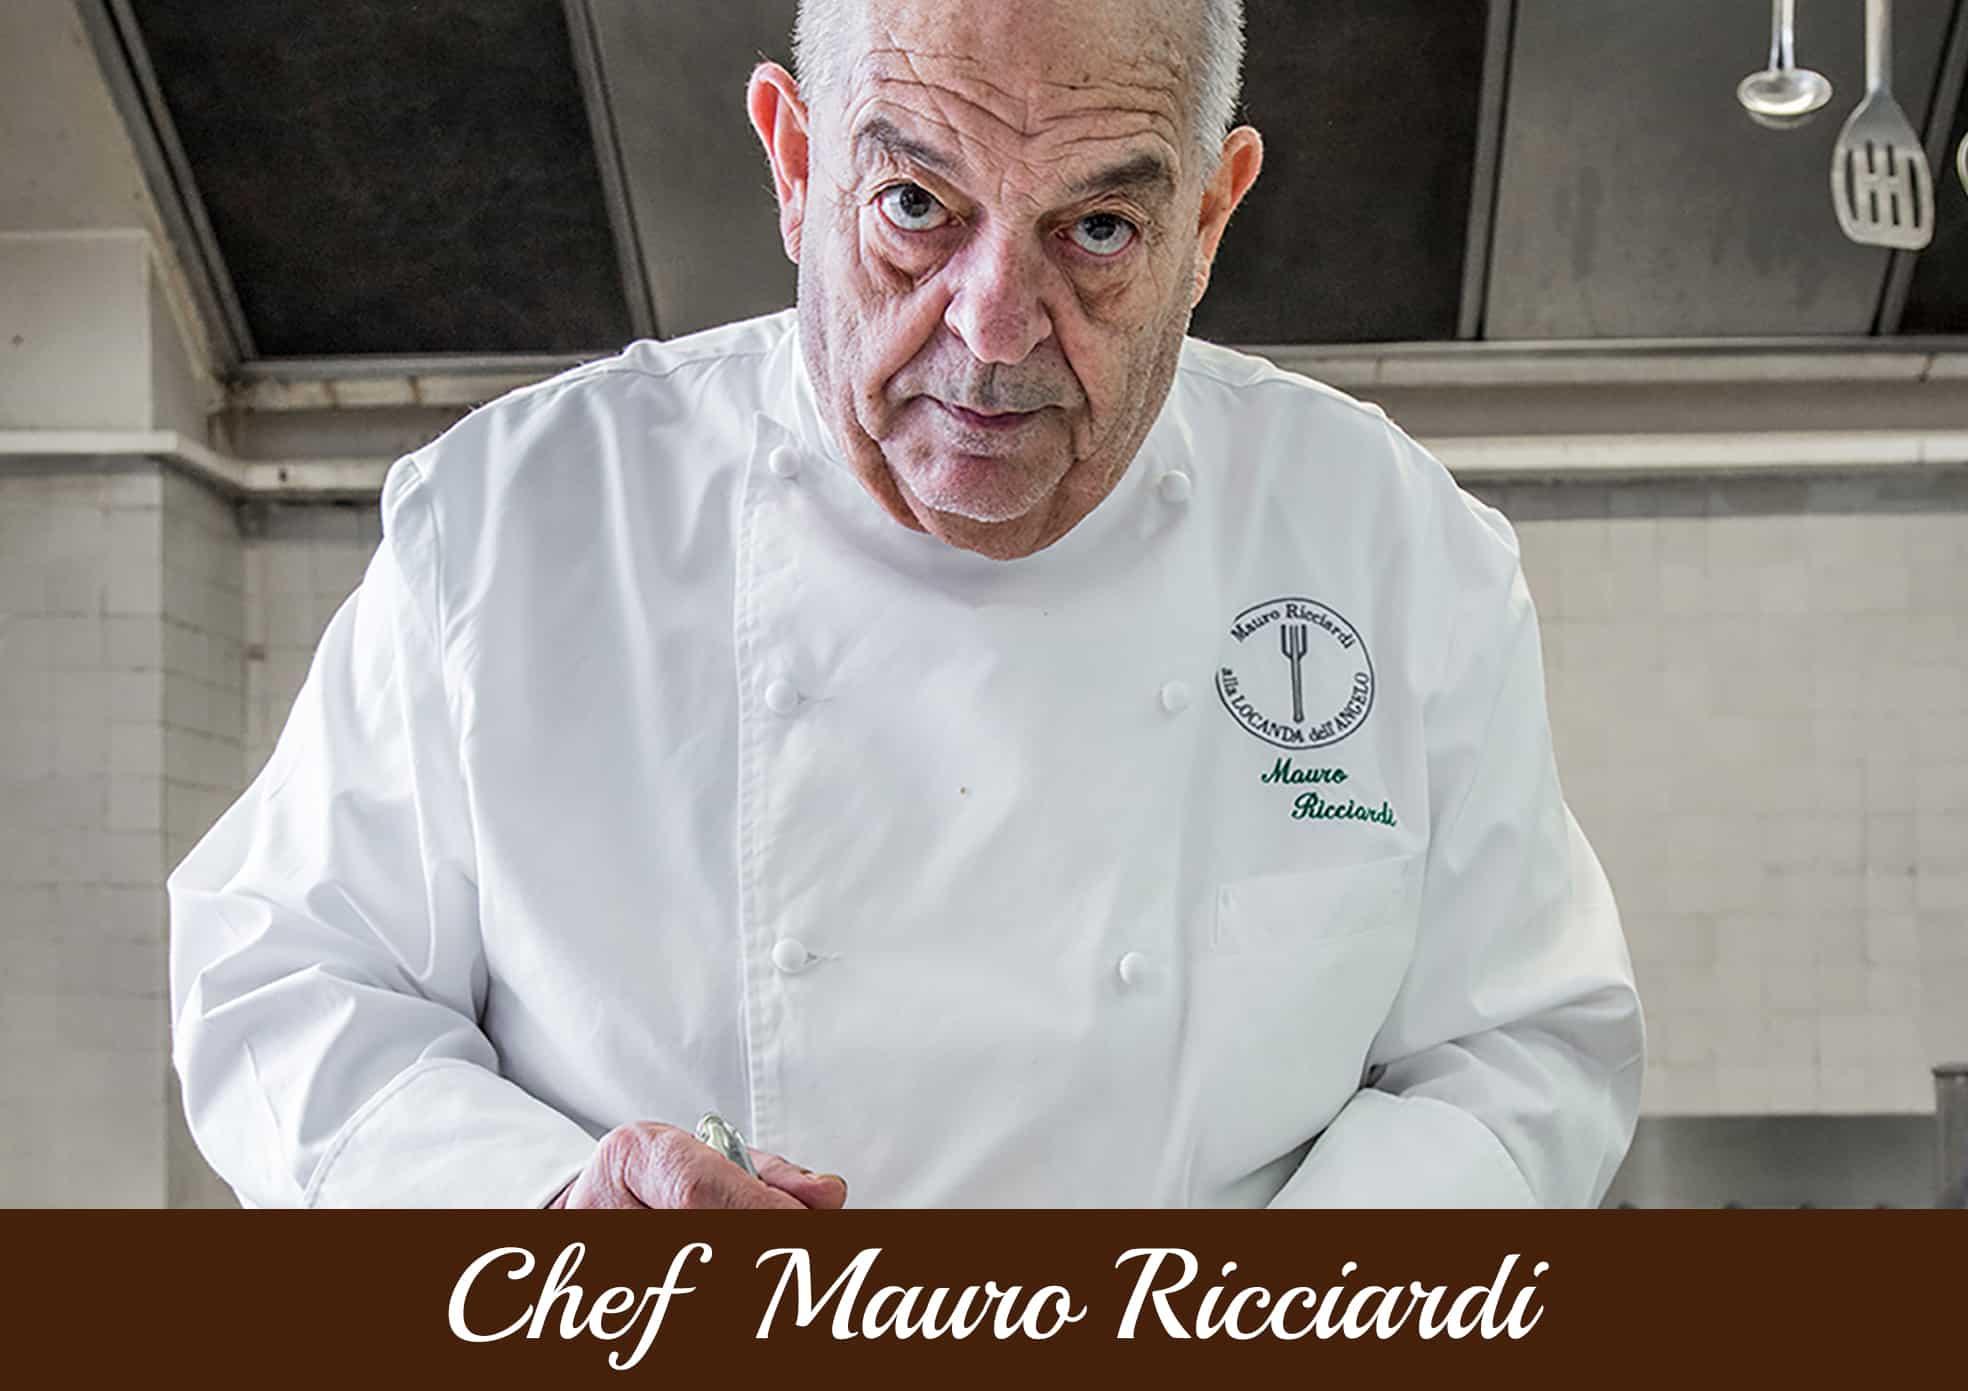 Copertina Chef - Mauro Ricciardi